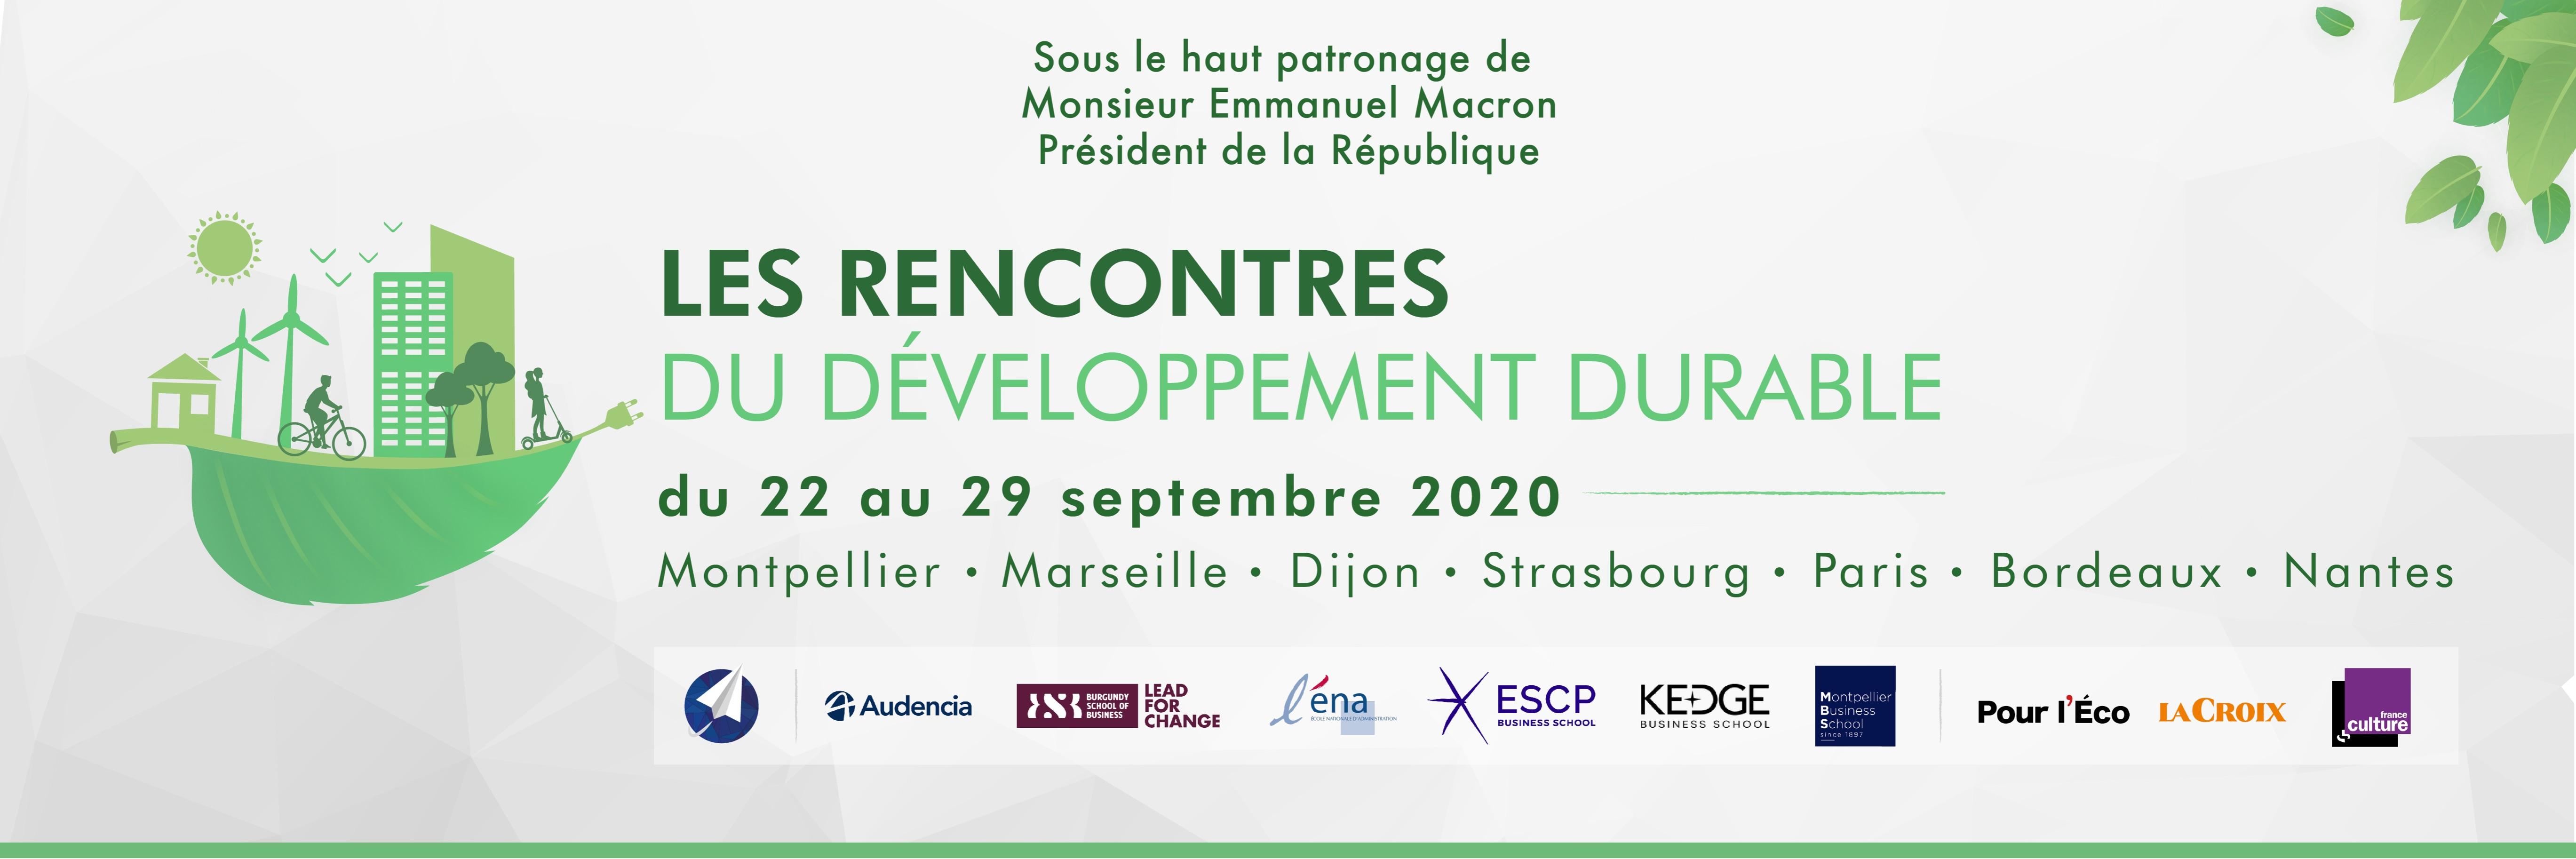 France relance... vers 2030 Et au delà ? C9027cf8-b3a8-4ef1-920d-2325c828fd47